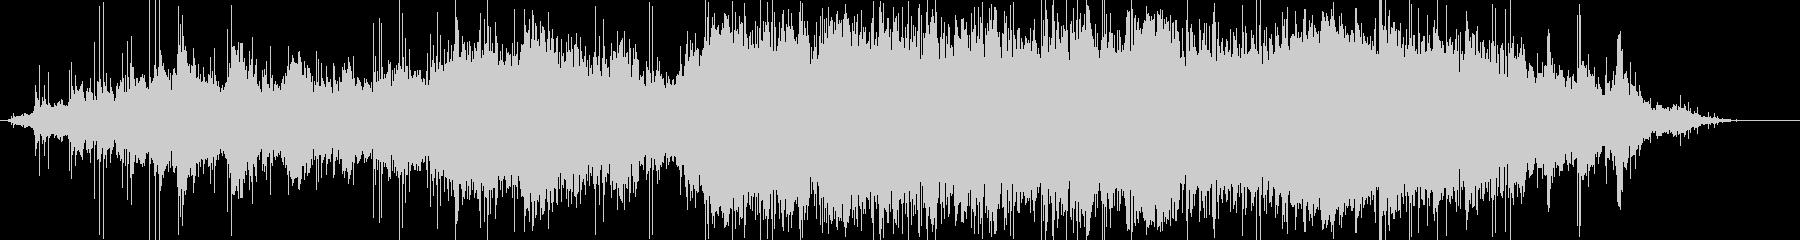 エレクトロニックミュージックの未再生の波形